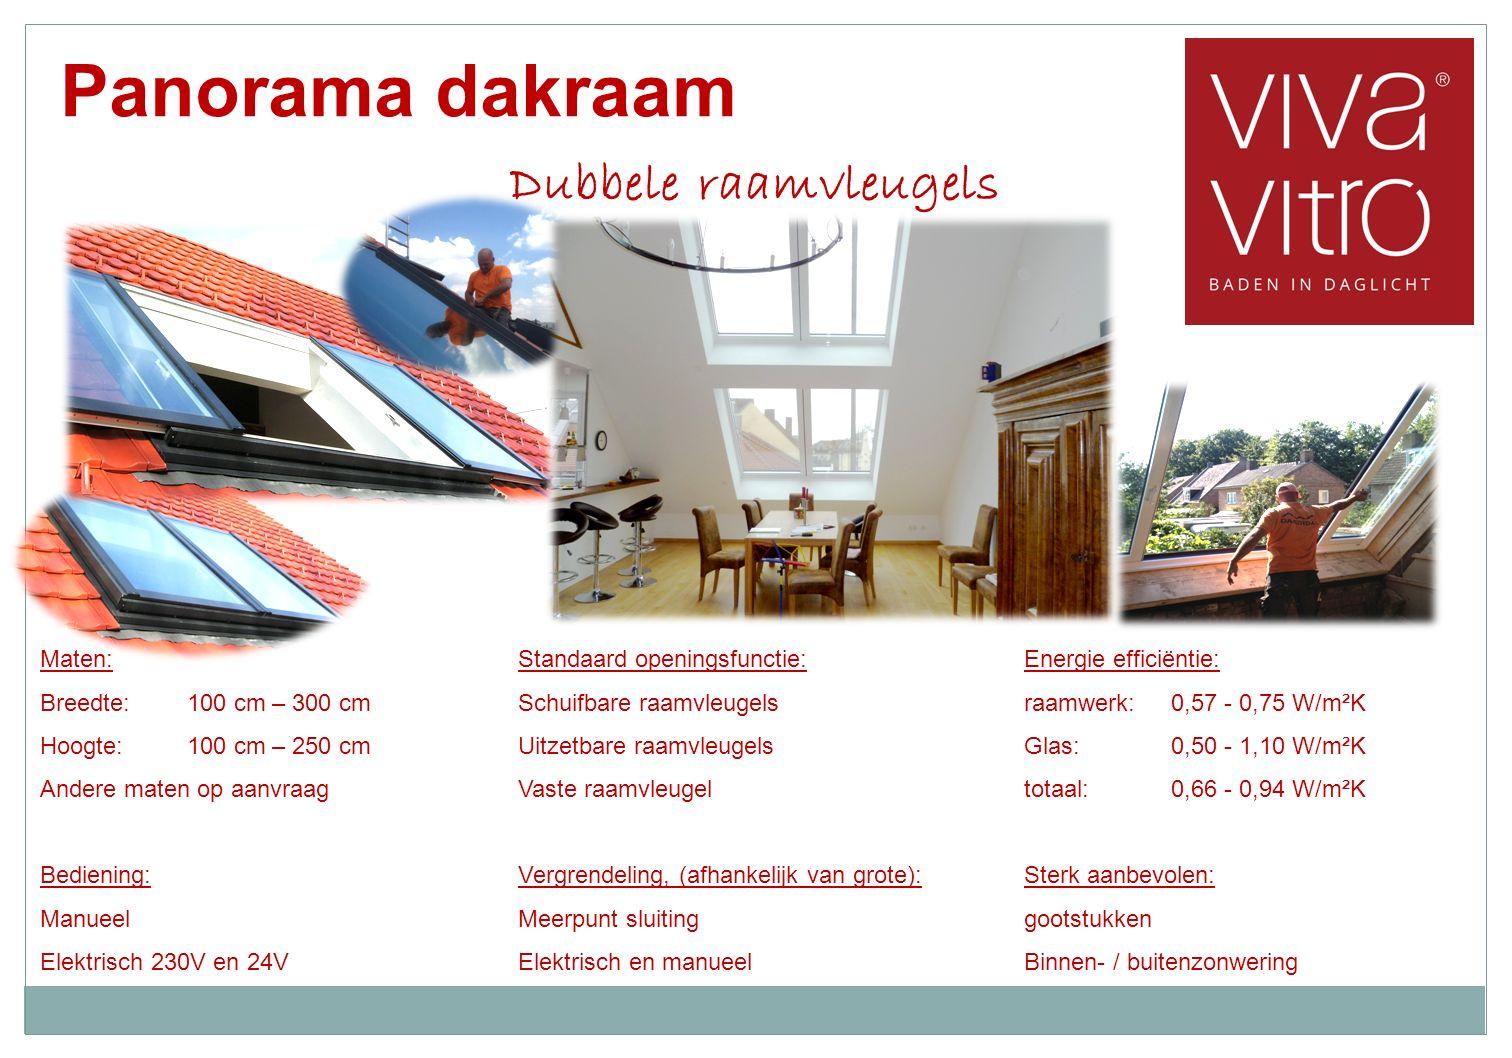 Panorama dakraam Dubbele raamvleugels Standaard openingsfunctie: Schuifbare raamvleugels Uitzetbare raamvleugels Vaste raamvleugel Vergrendeling, (afhankelijk van grote): Meerpunt sluiting Elektrisch en manueel Energie efficiëntie: raamwerk:0,57 - 0,75 W/m²K Glas:0,50 - 1,10 W/m²K totaal:0,66 - 0,94 W/m²K Sterk aanbevolen: gootstukken Binnen- / buitenzonwering Maten: Breedte:100 cm – 300 cm Hoogte:100 cm – 250 cm Andere maten op aanvraag Bediening: Manueel Elektrisch 230V en 24V